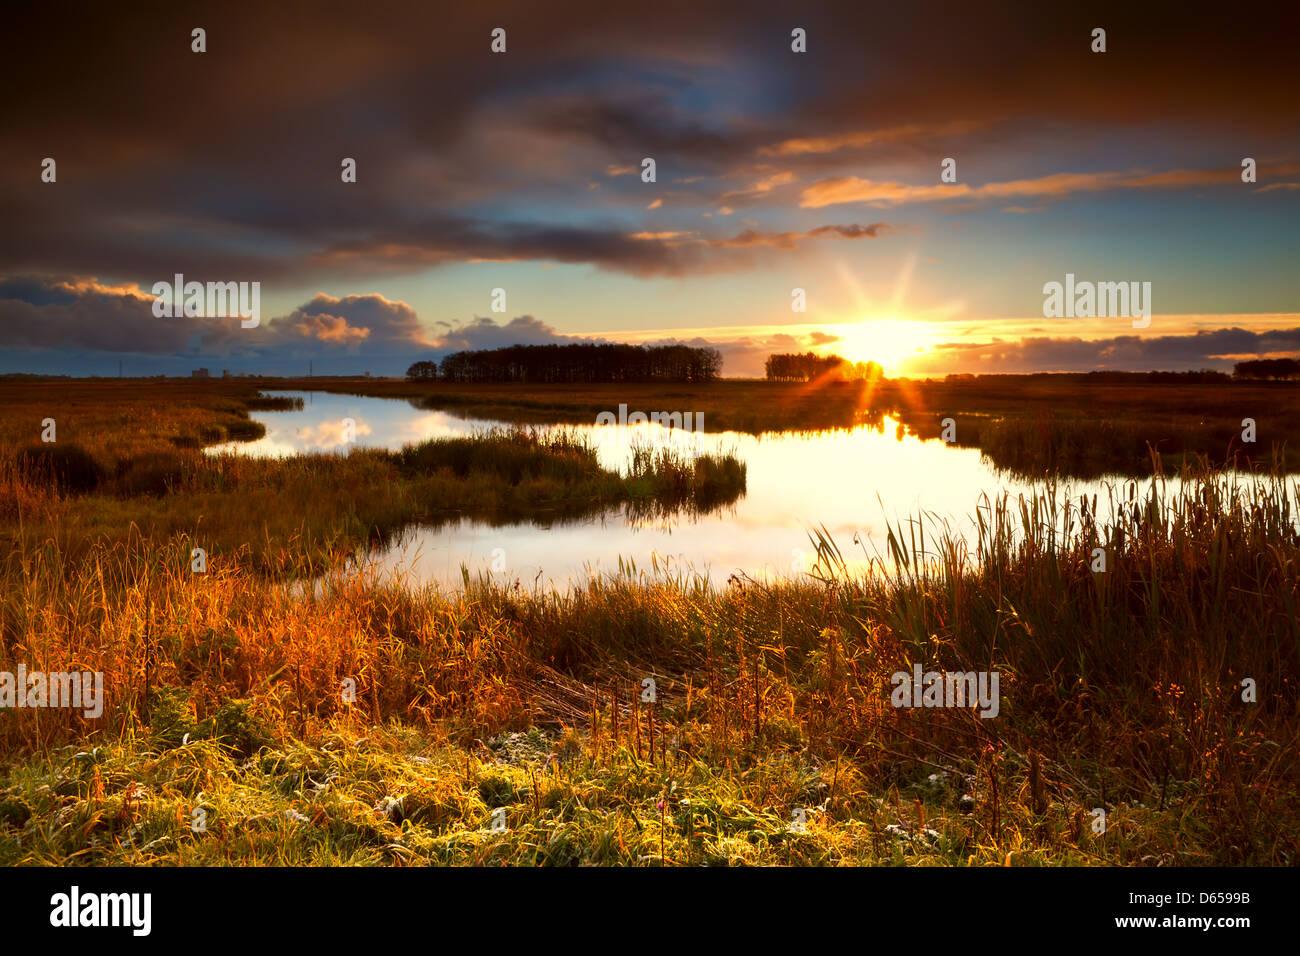 dramatische Sonnenaufgang über dem See Stockbild